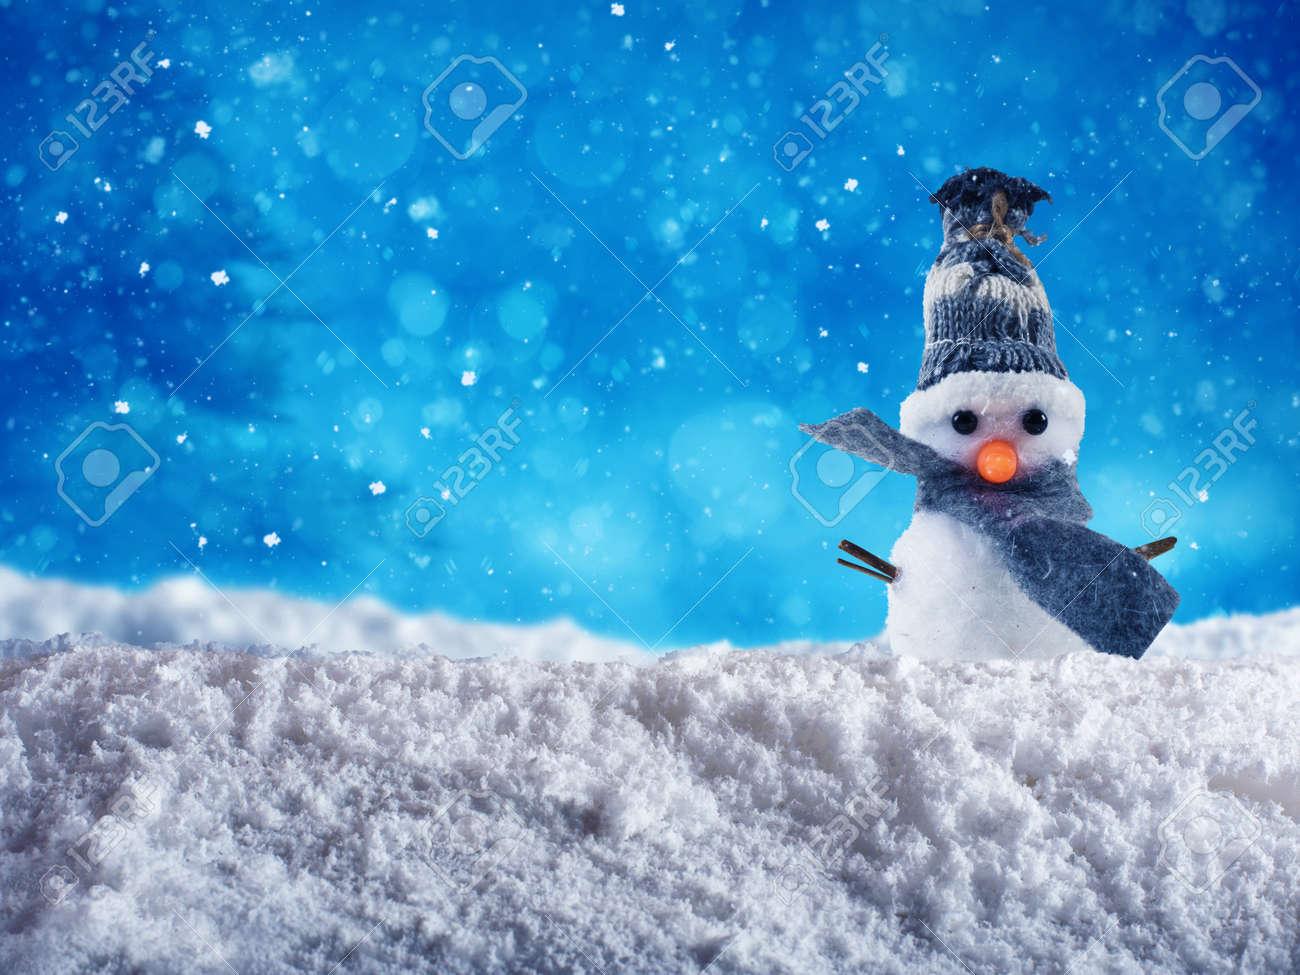 Netter Schneemann Mit Hut Und Schal Wünscht Frohe Weihnachten Auf ...